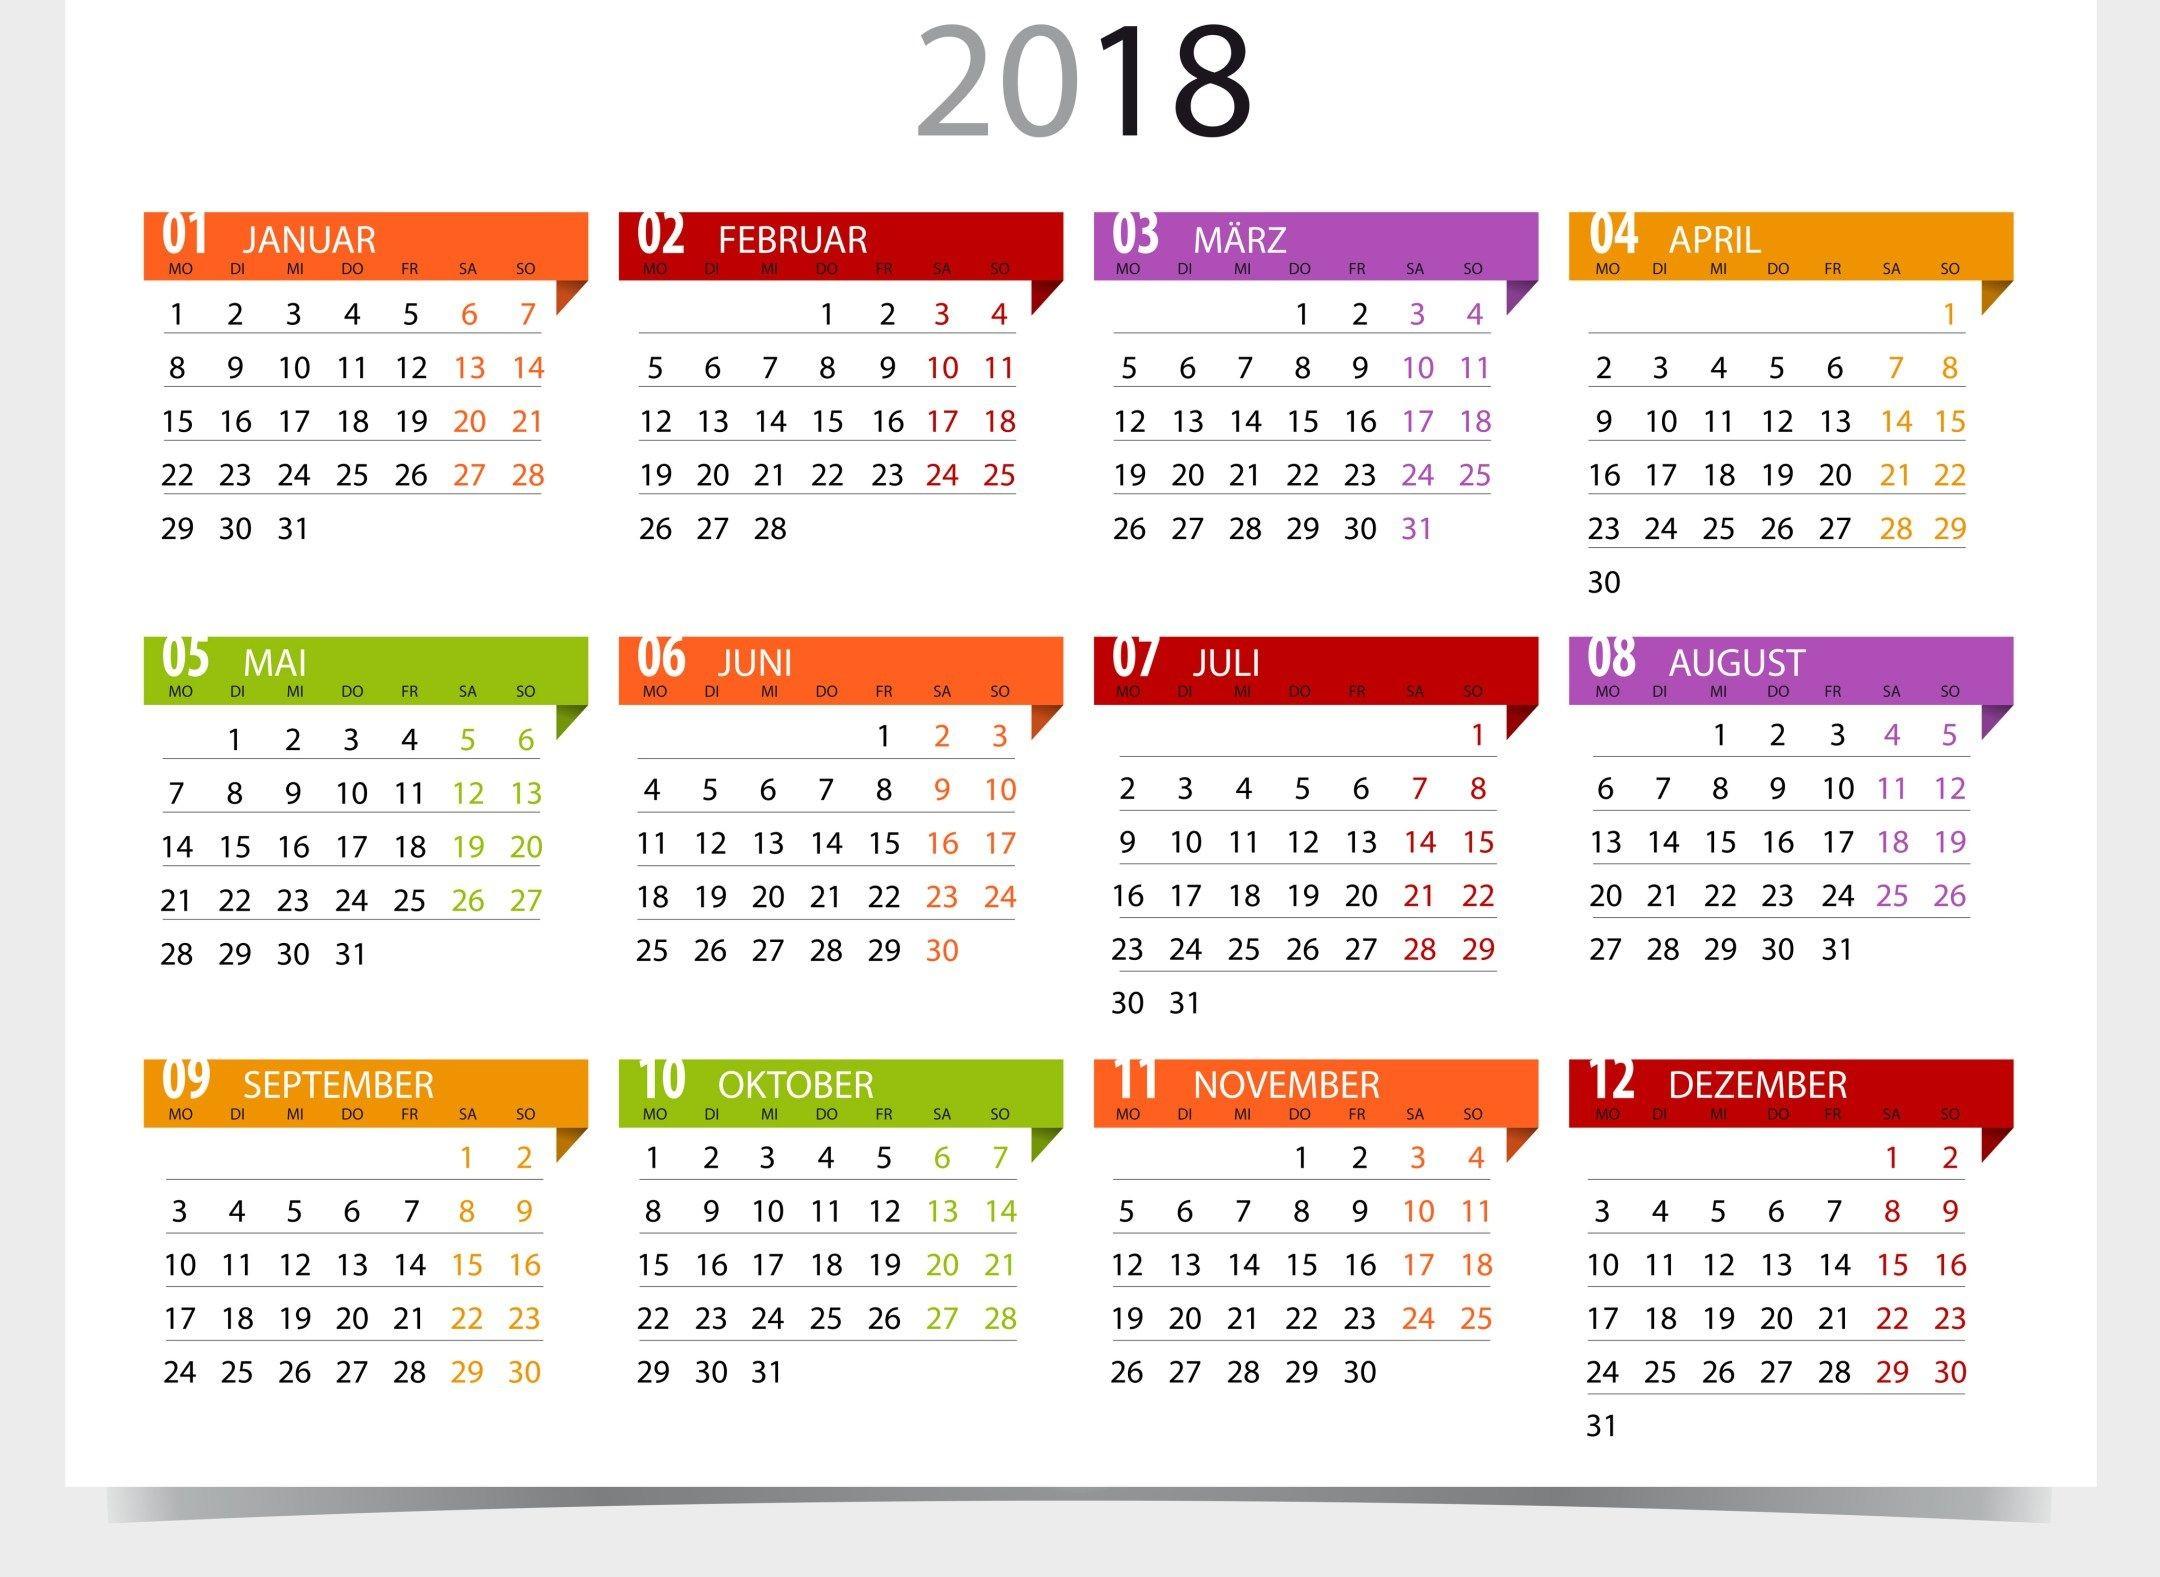 Calendario Para Imprimir 2017 Chile Más Recientes formato De Calendarios Kordurorddiner Of Calendario Para Imprimir 2017 Chile Más Arriba-a-fecha sorpresa Tu Calendario Descargable Gratuito Para 2018